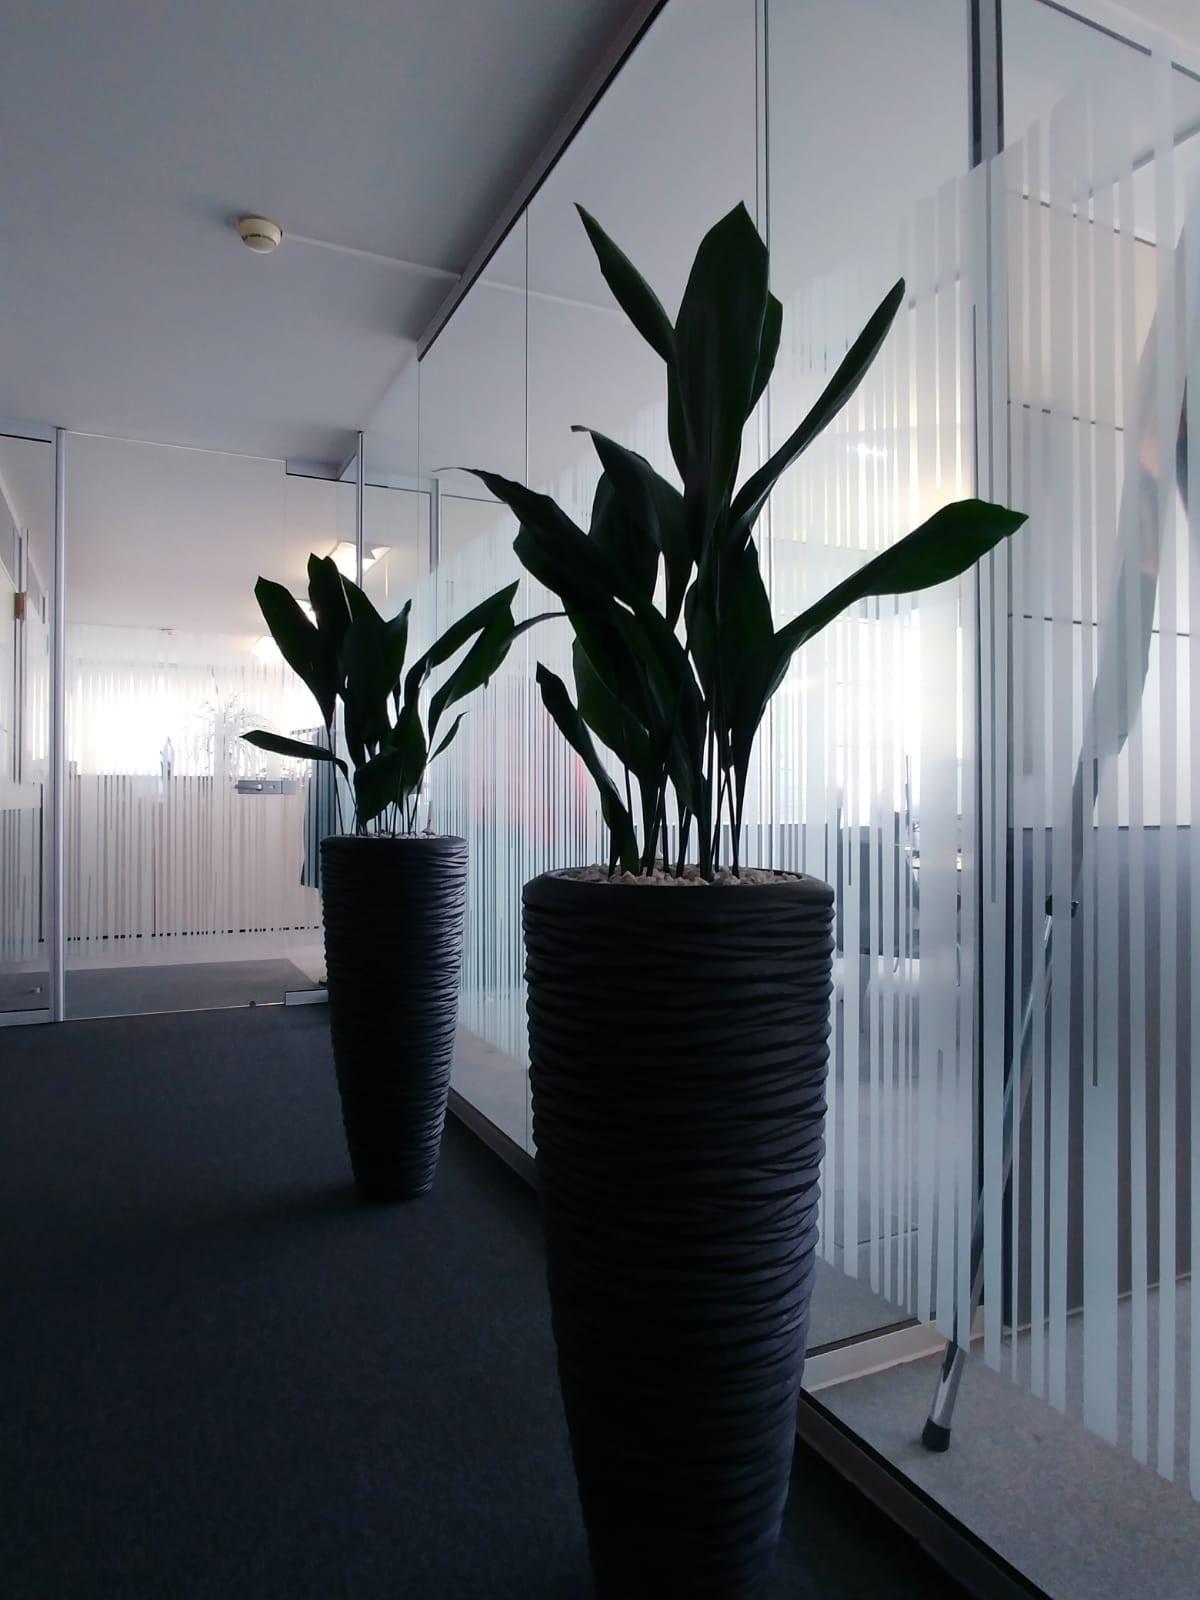 Sichtschutzfolie streifen milchglas